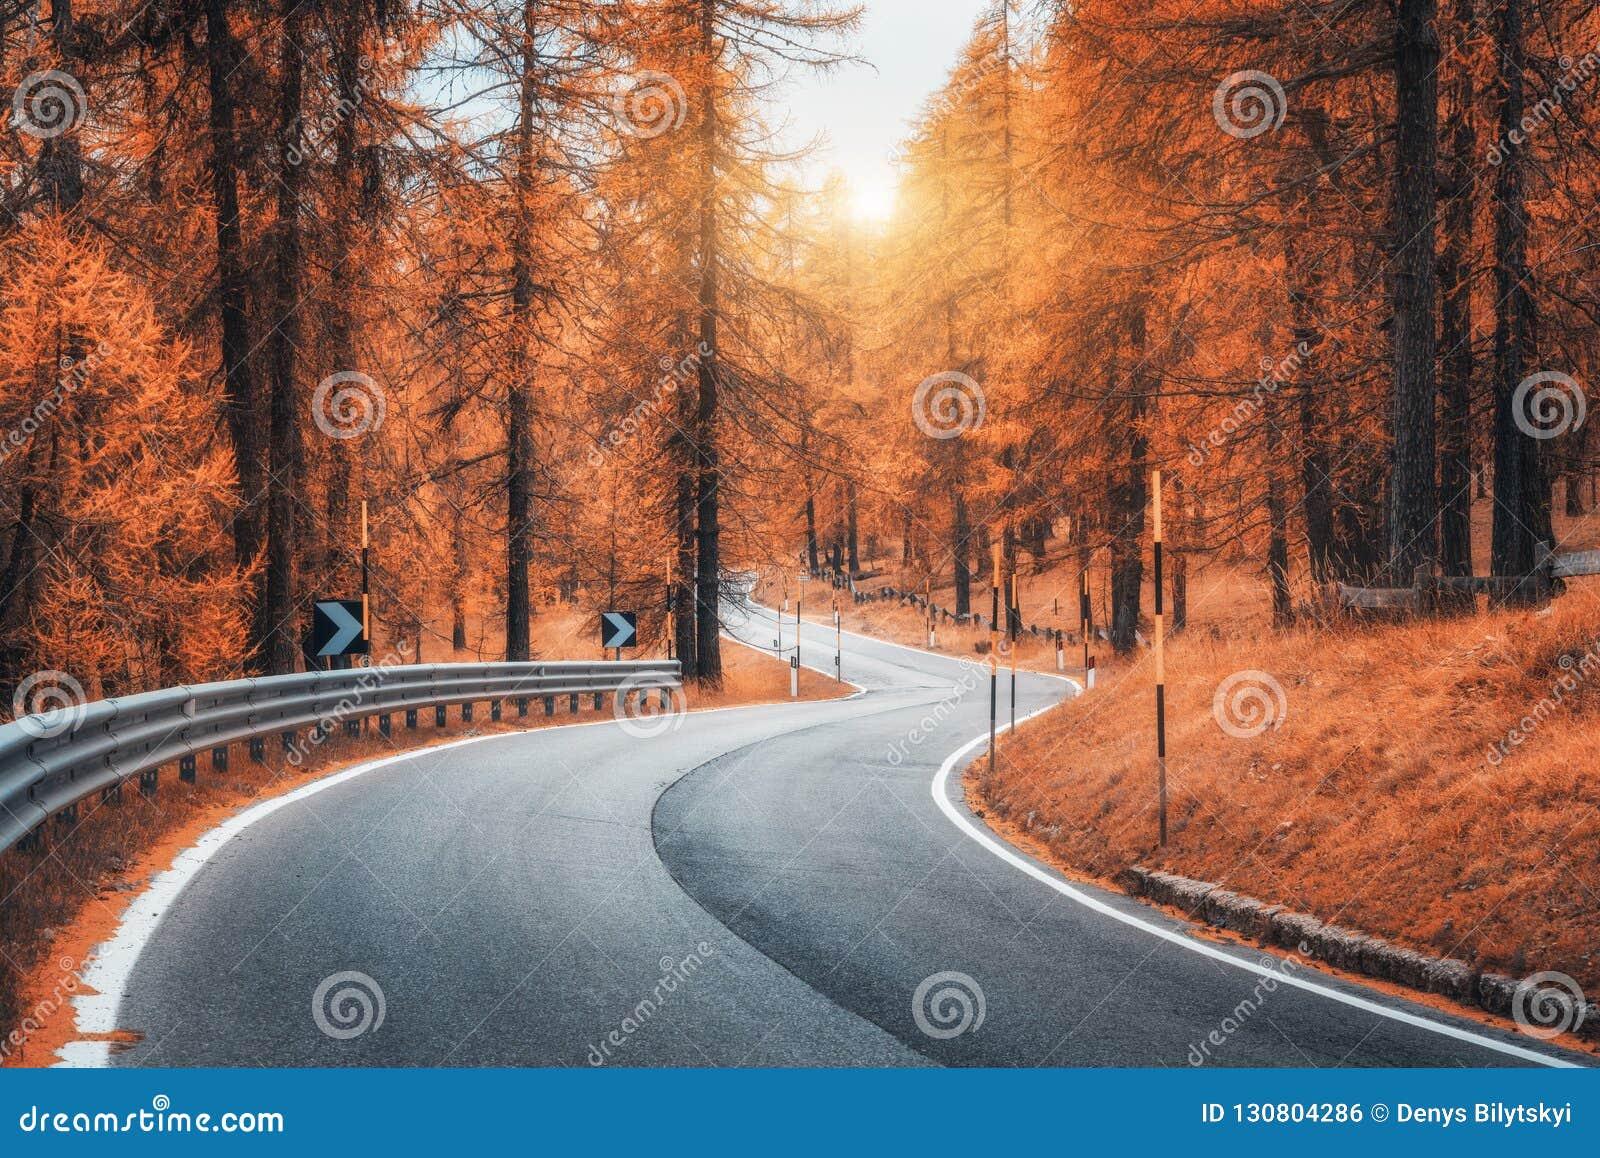 Schöne wickelnde Gebirgsstraße im Herbstwald bei Sonnenuntergang